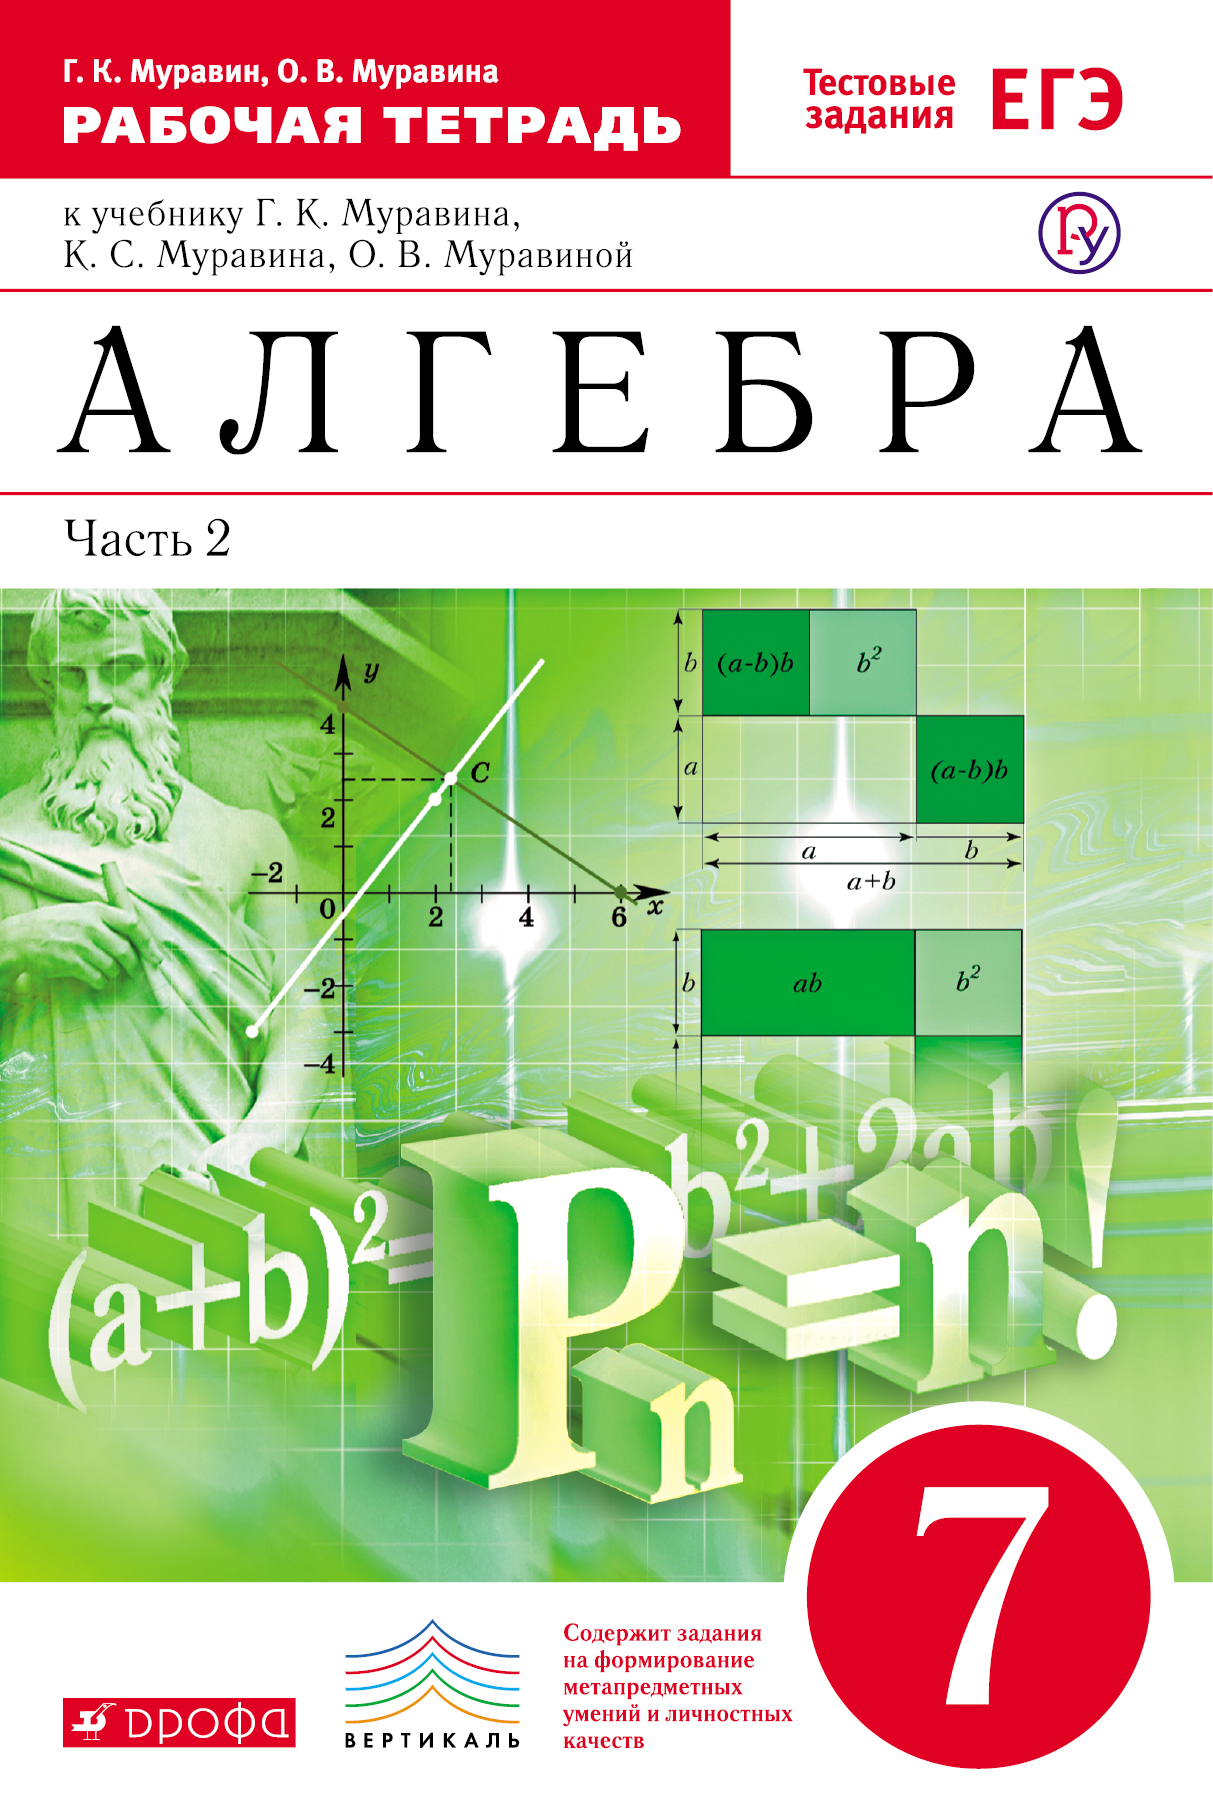 Алгебра. 7класс. Рабочая тетрадь. Часть.2 (С тестовыми заданиями ЕГЭ). ( Муравин Г.К., Муравина О.В.  )